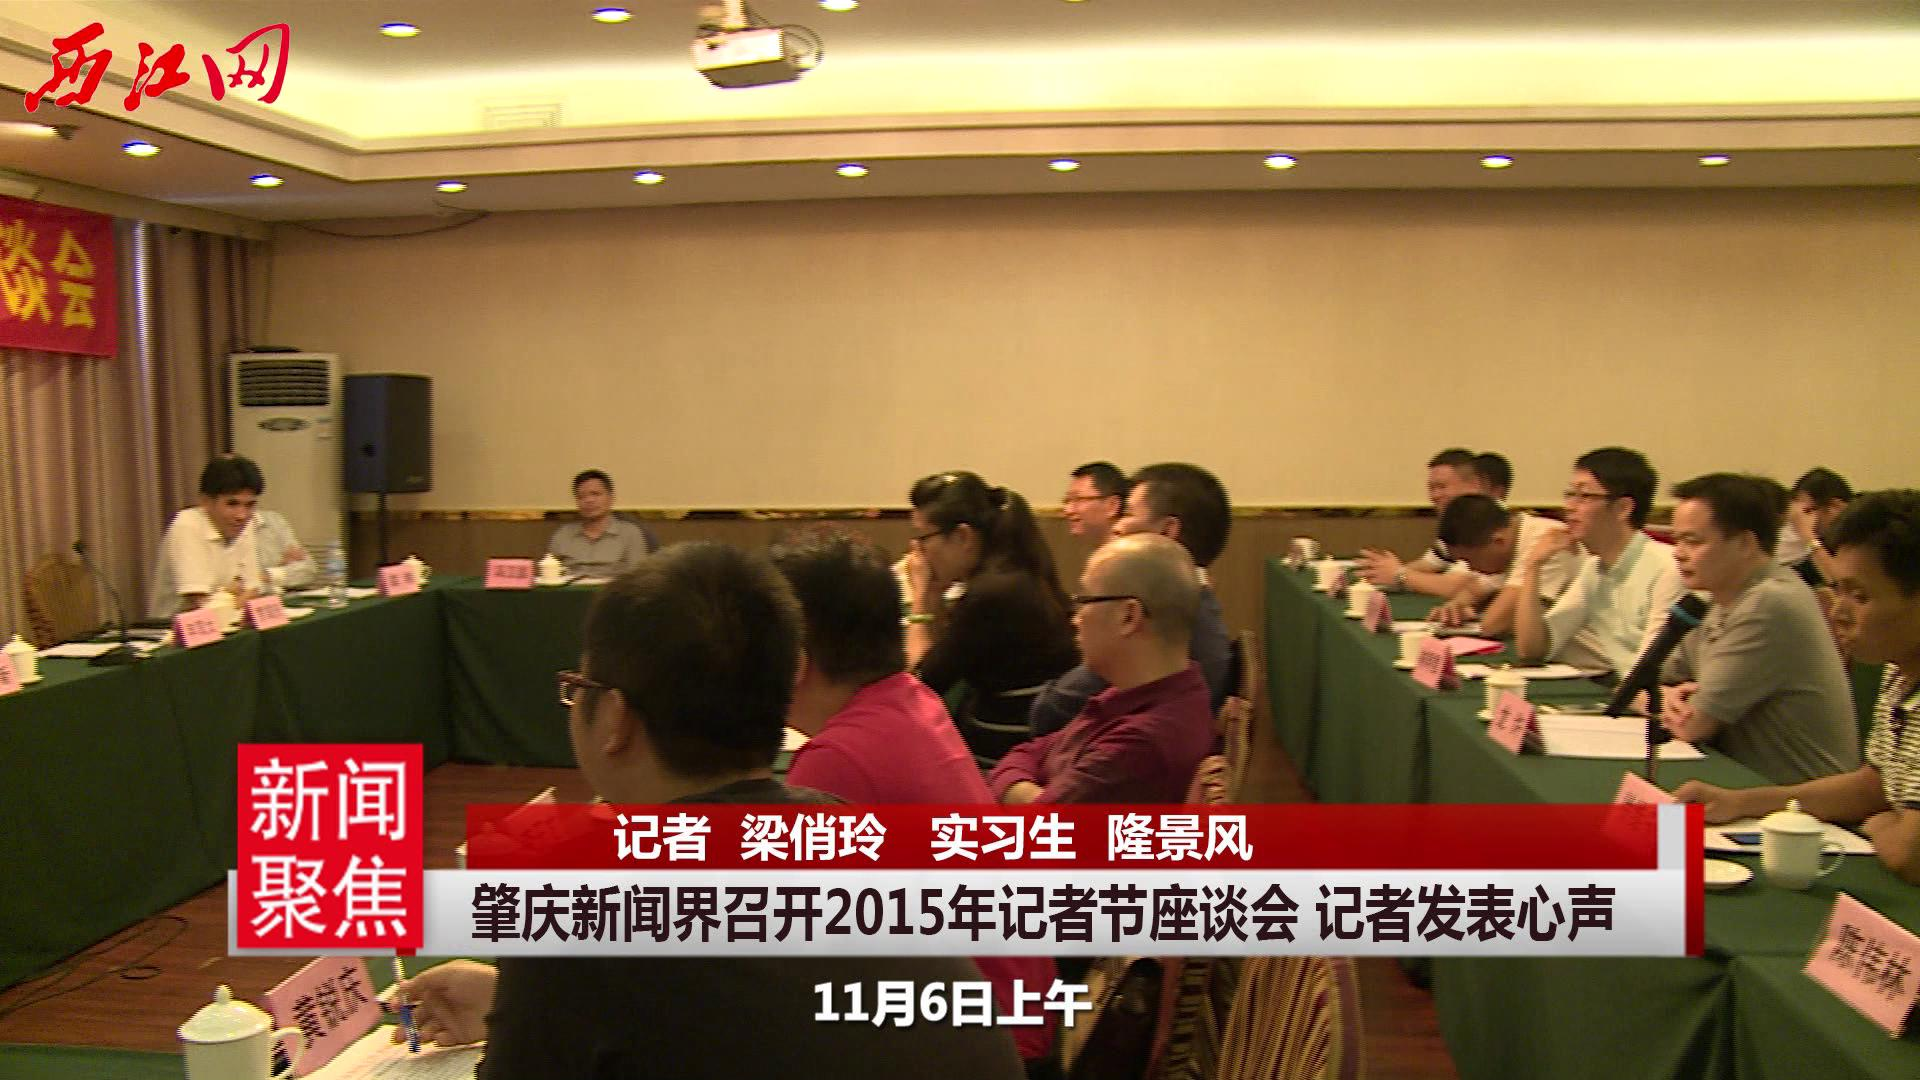 肇庆新闻界召开2015年记者节座谈会 记者发表心声